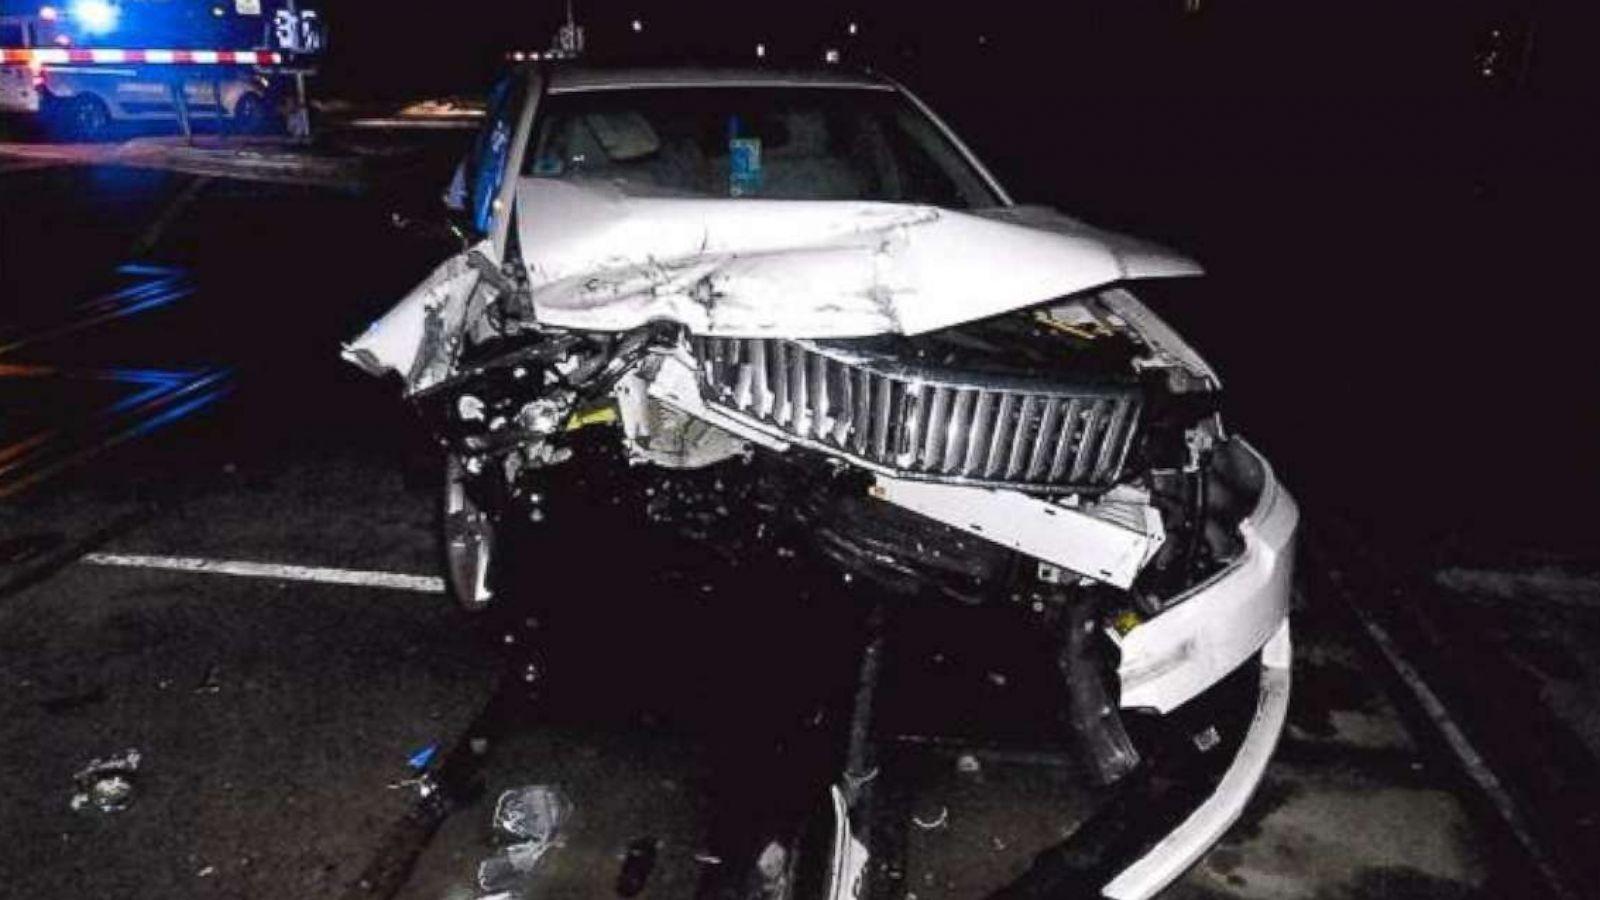 Samochód utknął na przejeździe kolejowym w Lombard. Uratowano 96-letnią kobietę